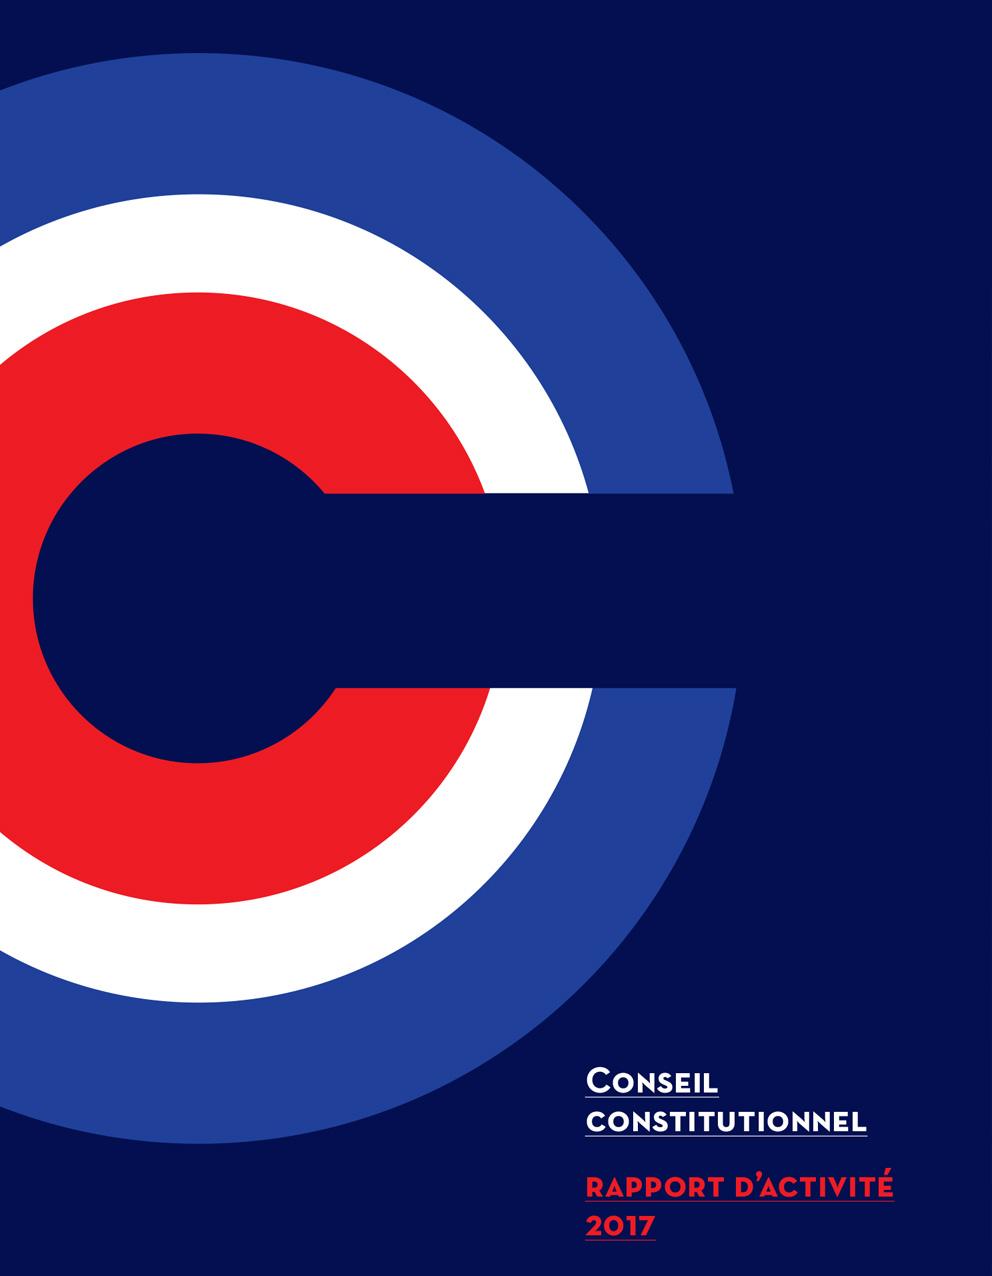 Conseil Constitutionnel – Rapport d'activité